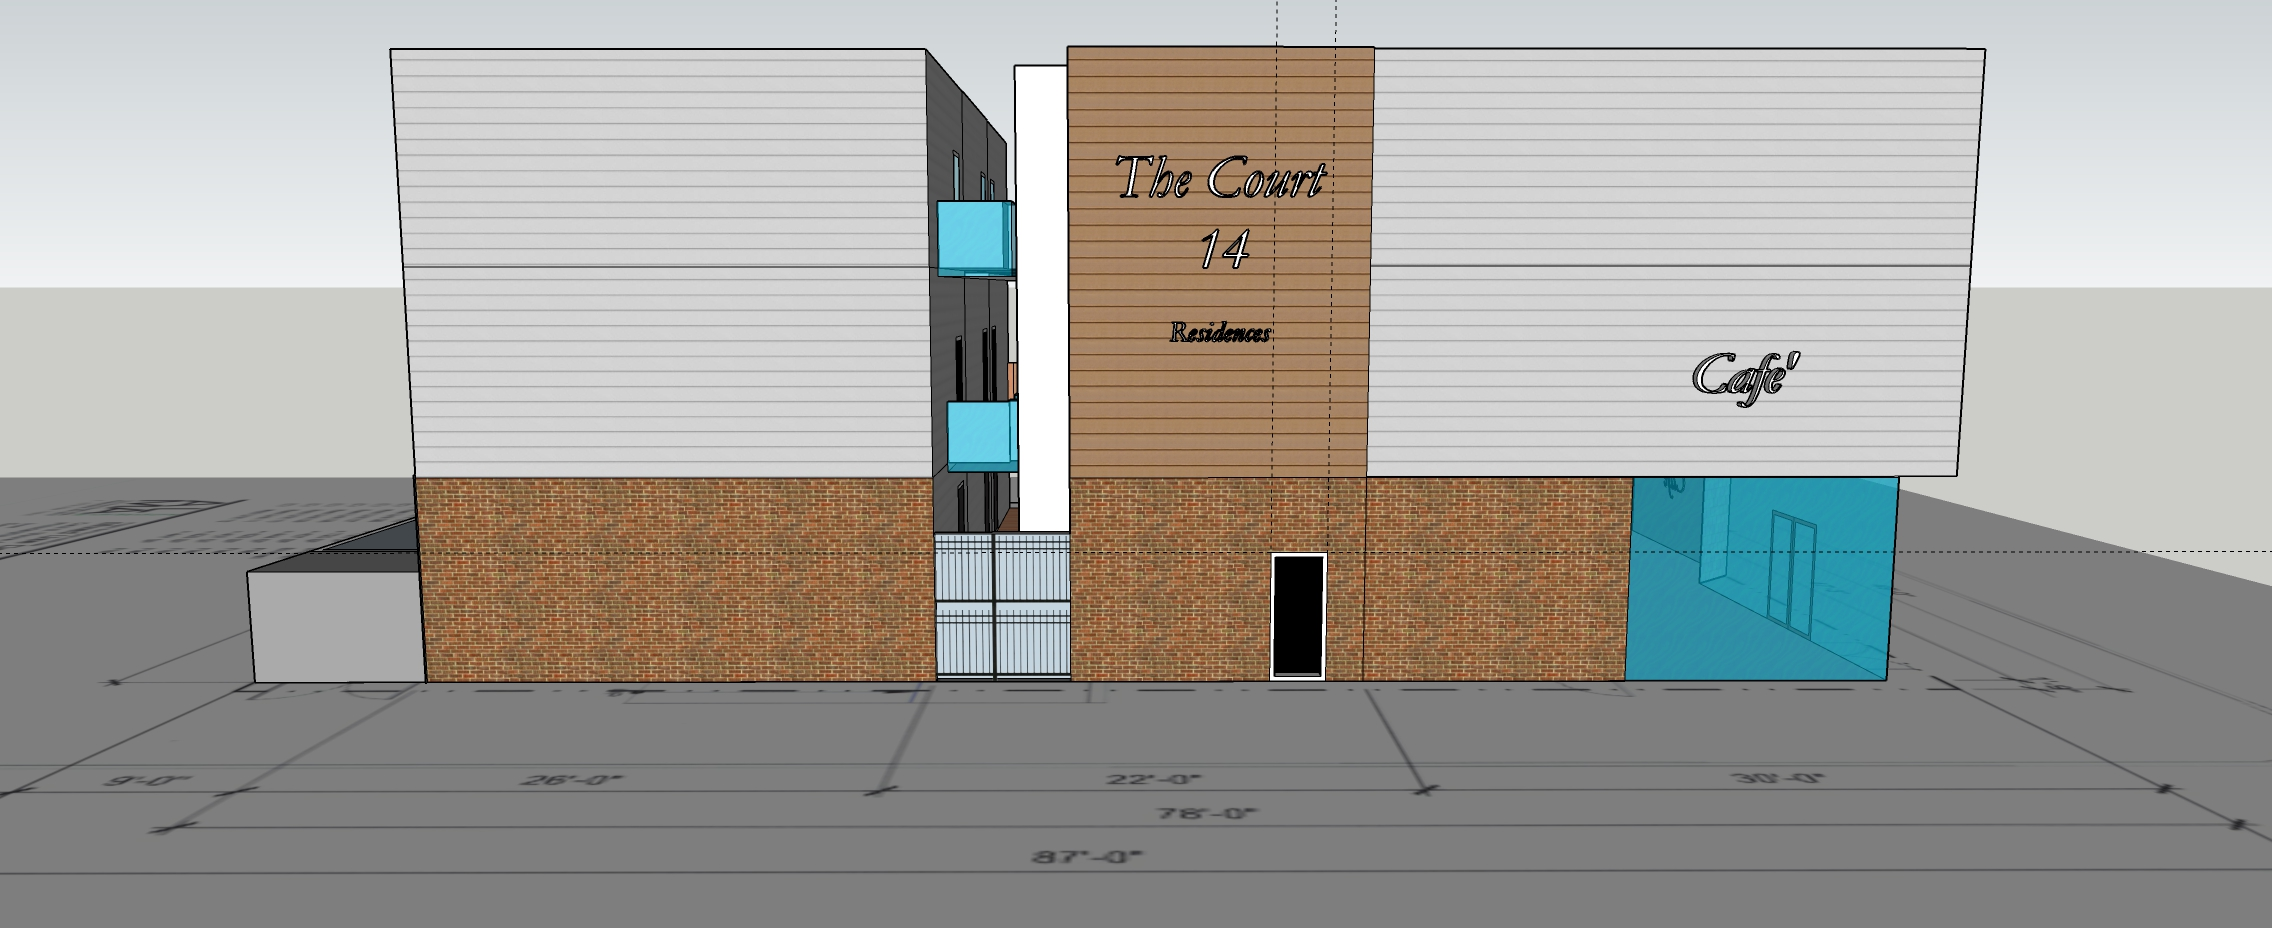 18th street rendering EV.JPG